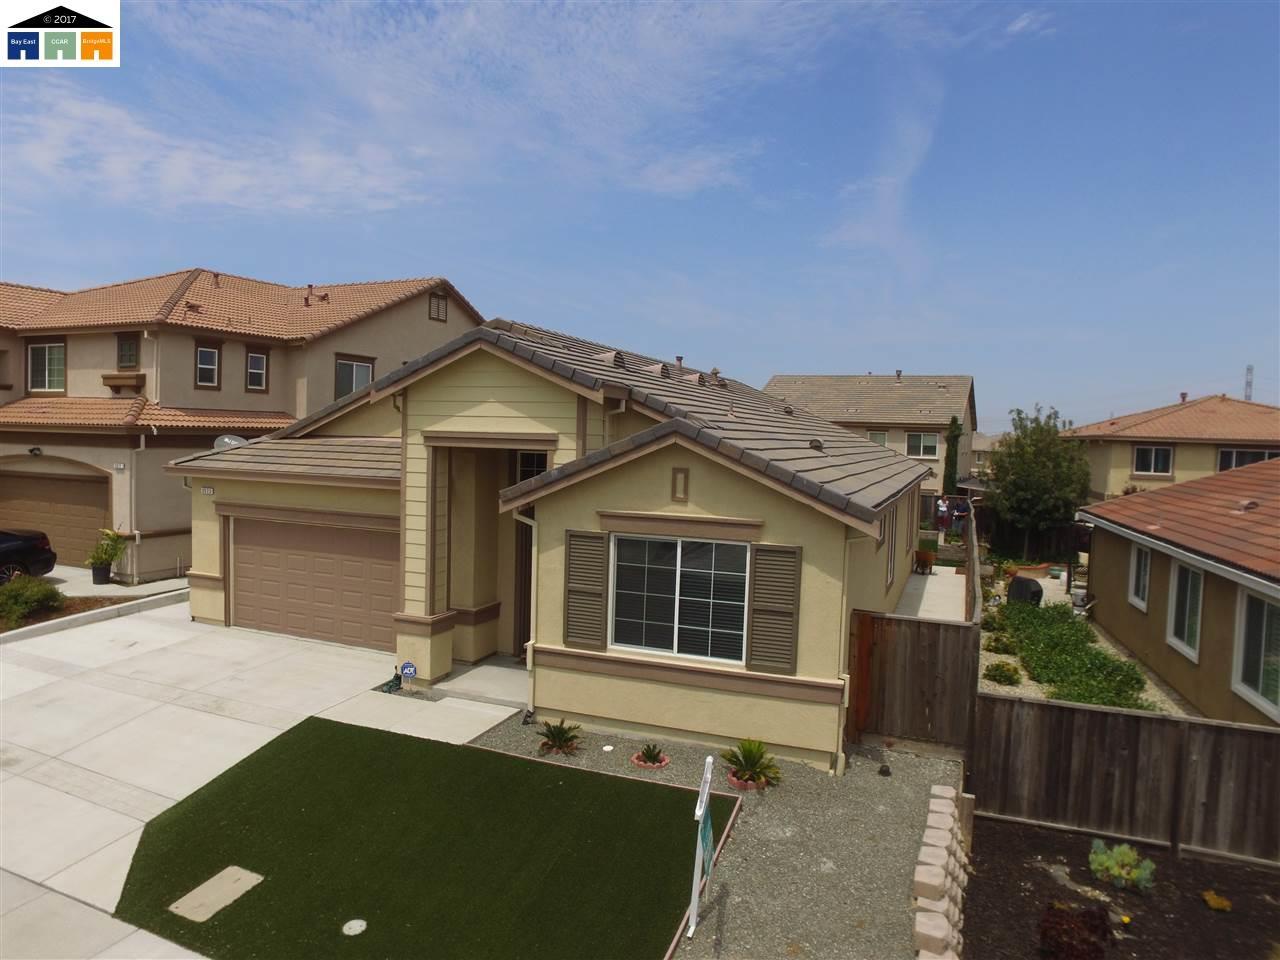 واحد منزل الأسرة للـ Sale في 2573 Tampico Drive Bay Point, California 94565 United States